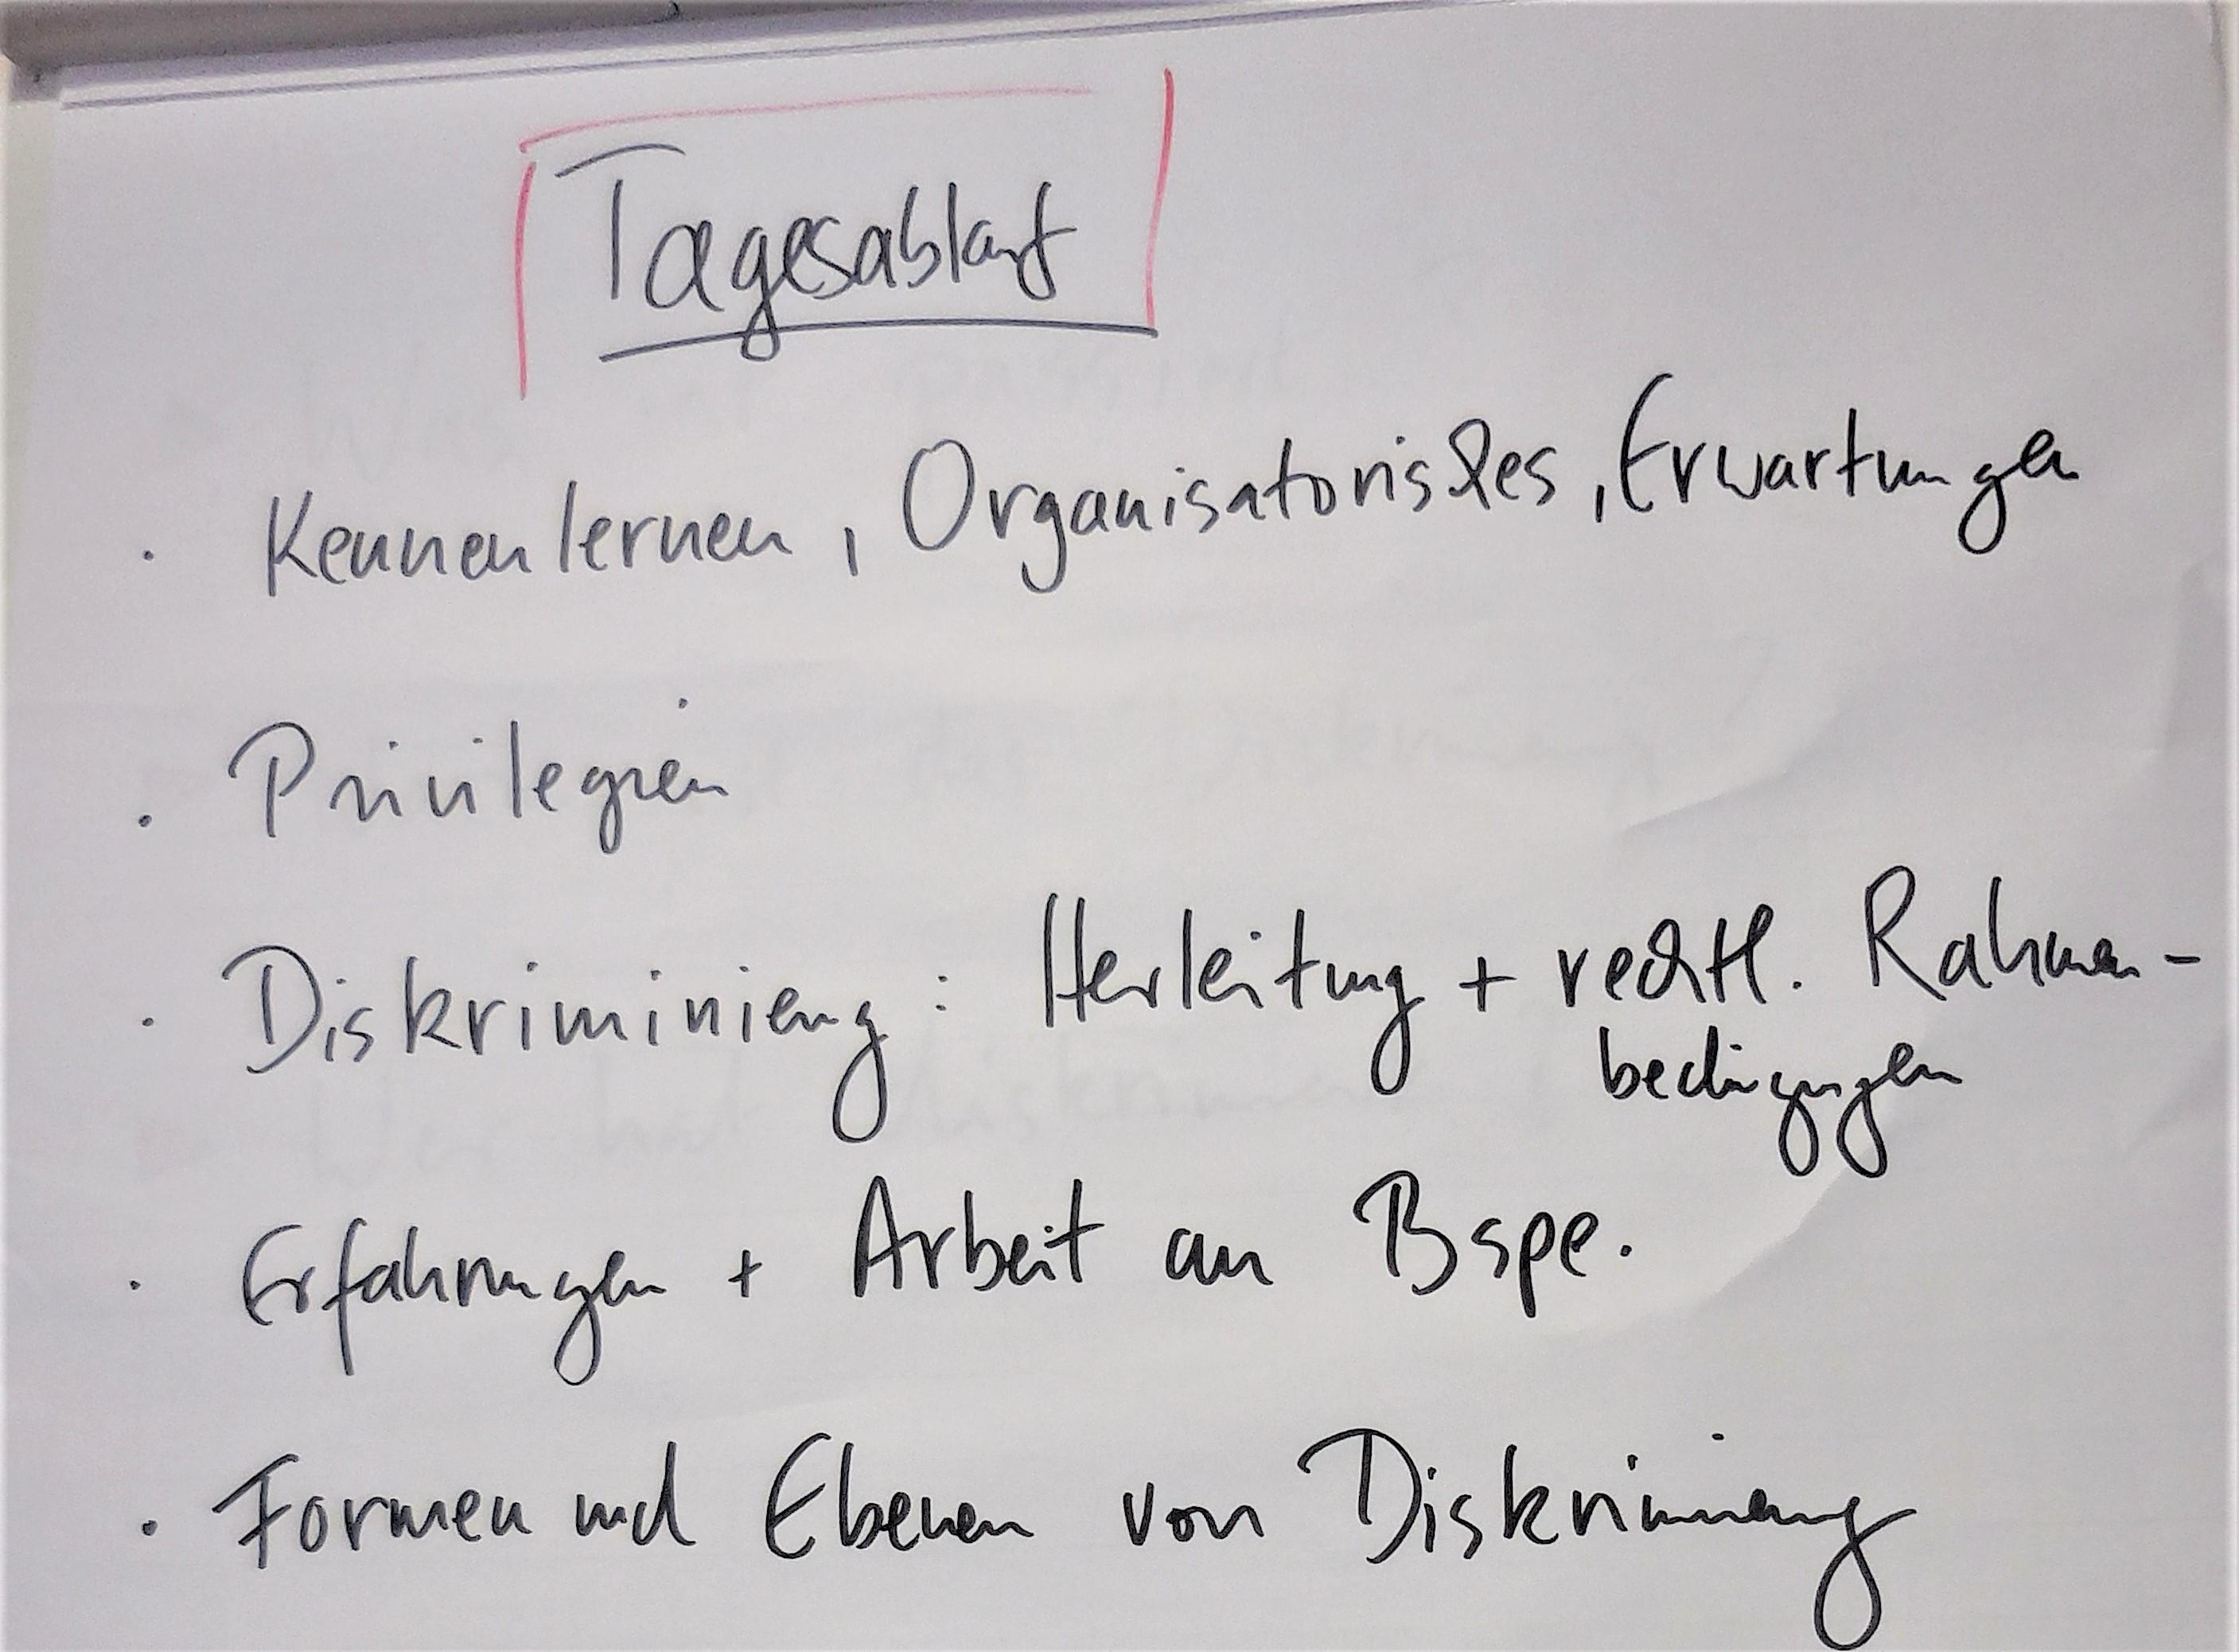 Das Foto zeigt einen Flipchart, an dem der Tagesablauf eines Workshops aufgeschrieben ist.